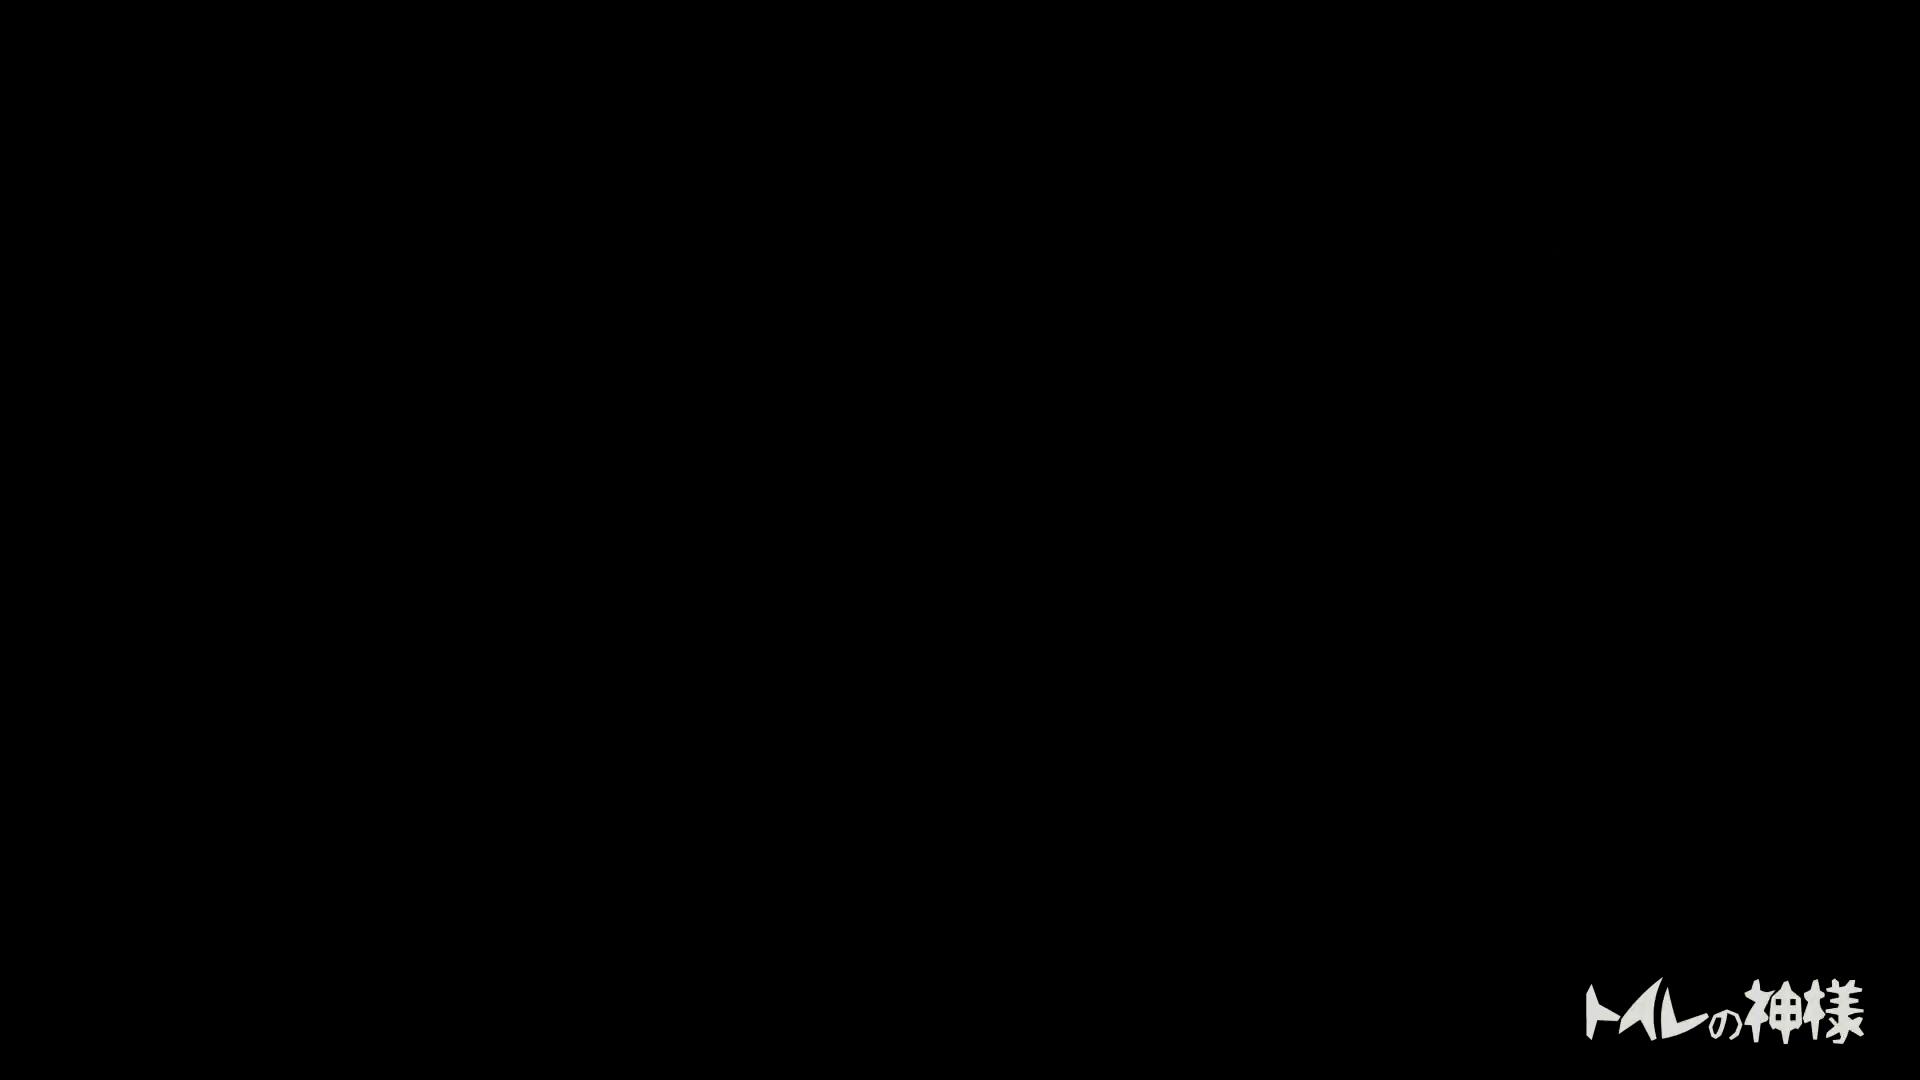 ▲2017_28位▲ ビアガーデン!美人が6人!トイレの神様 Vol.11 お姉さん攻略 オメコ動画キャプチャ 72画像 59